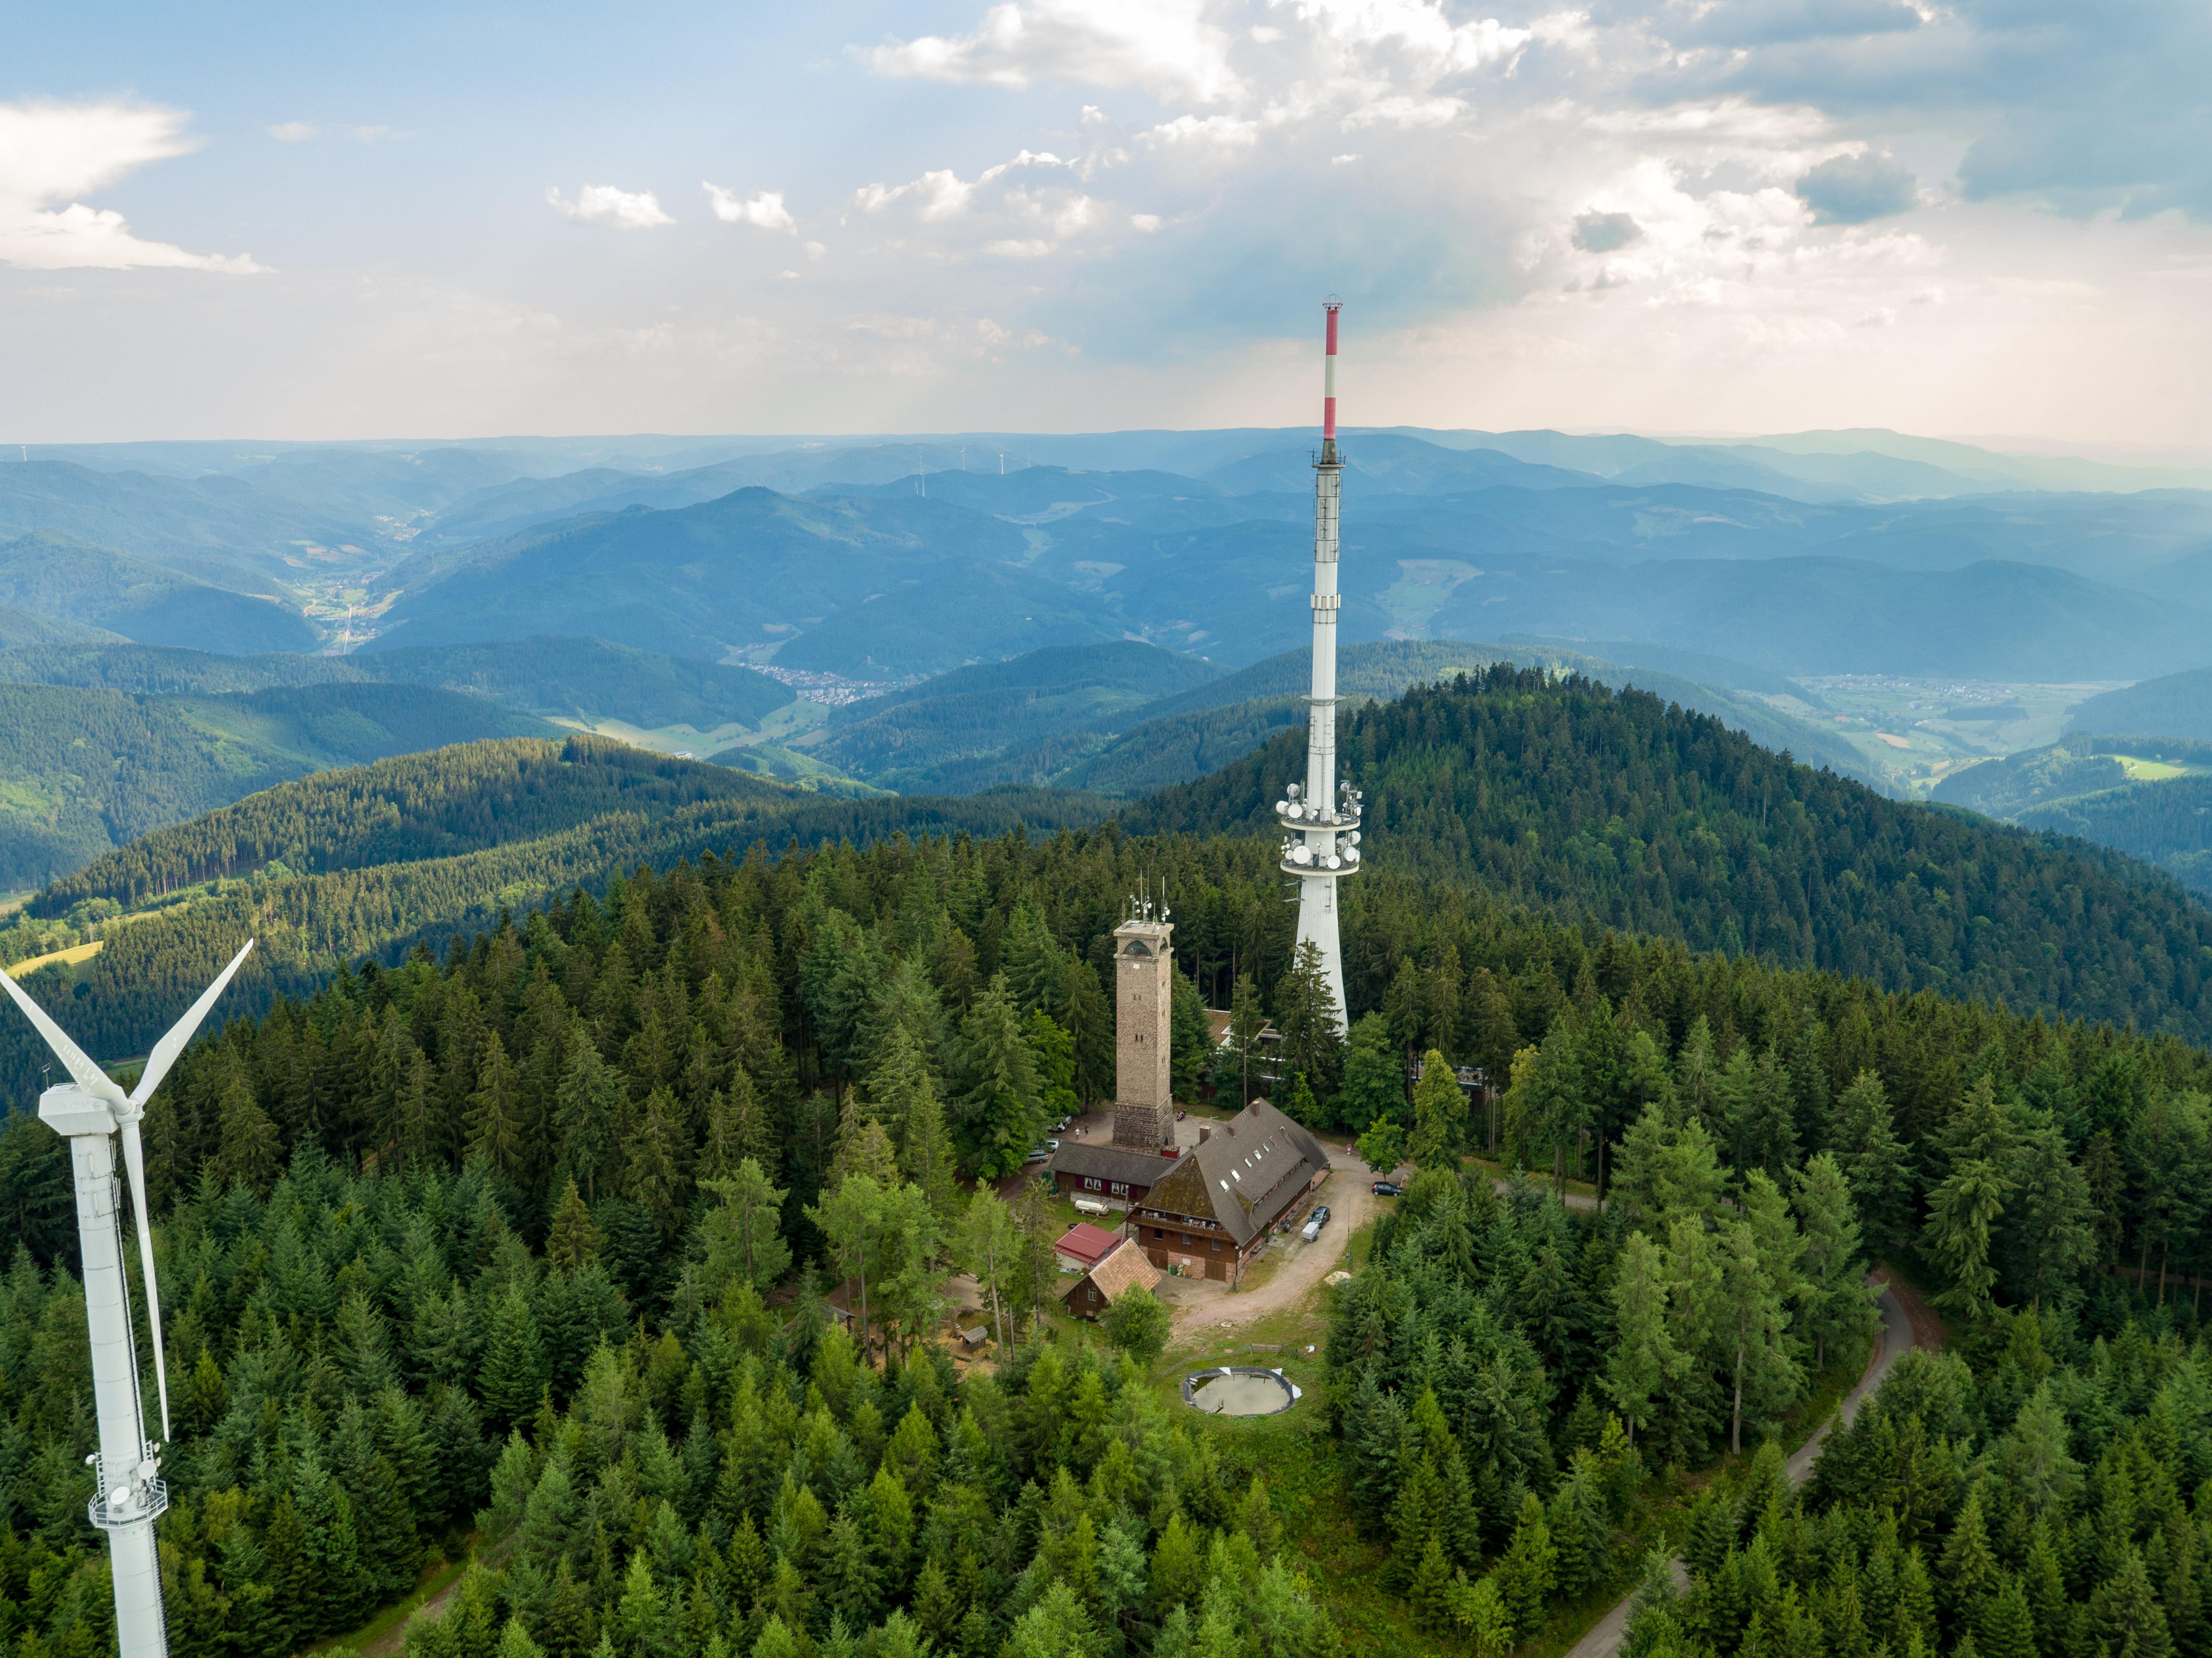 Oberharmersbach-Idylle am Fuße des Brandenkopfs, Höchster Berg im Mittleren Schwarzwald